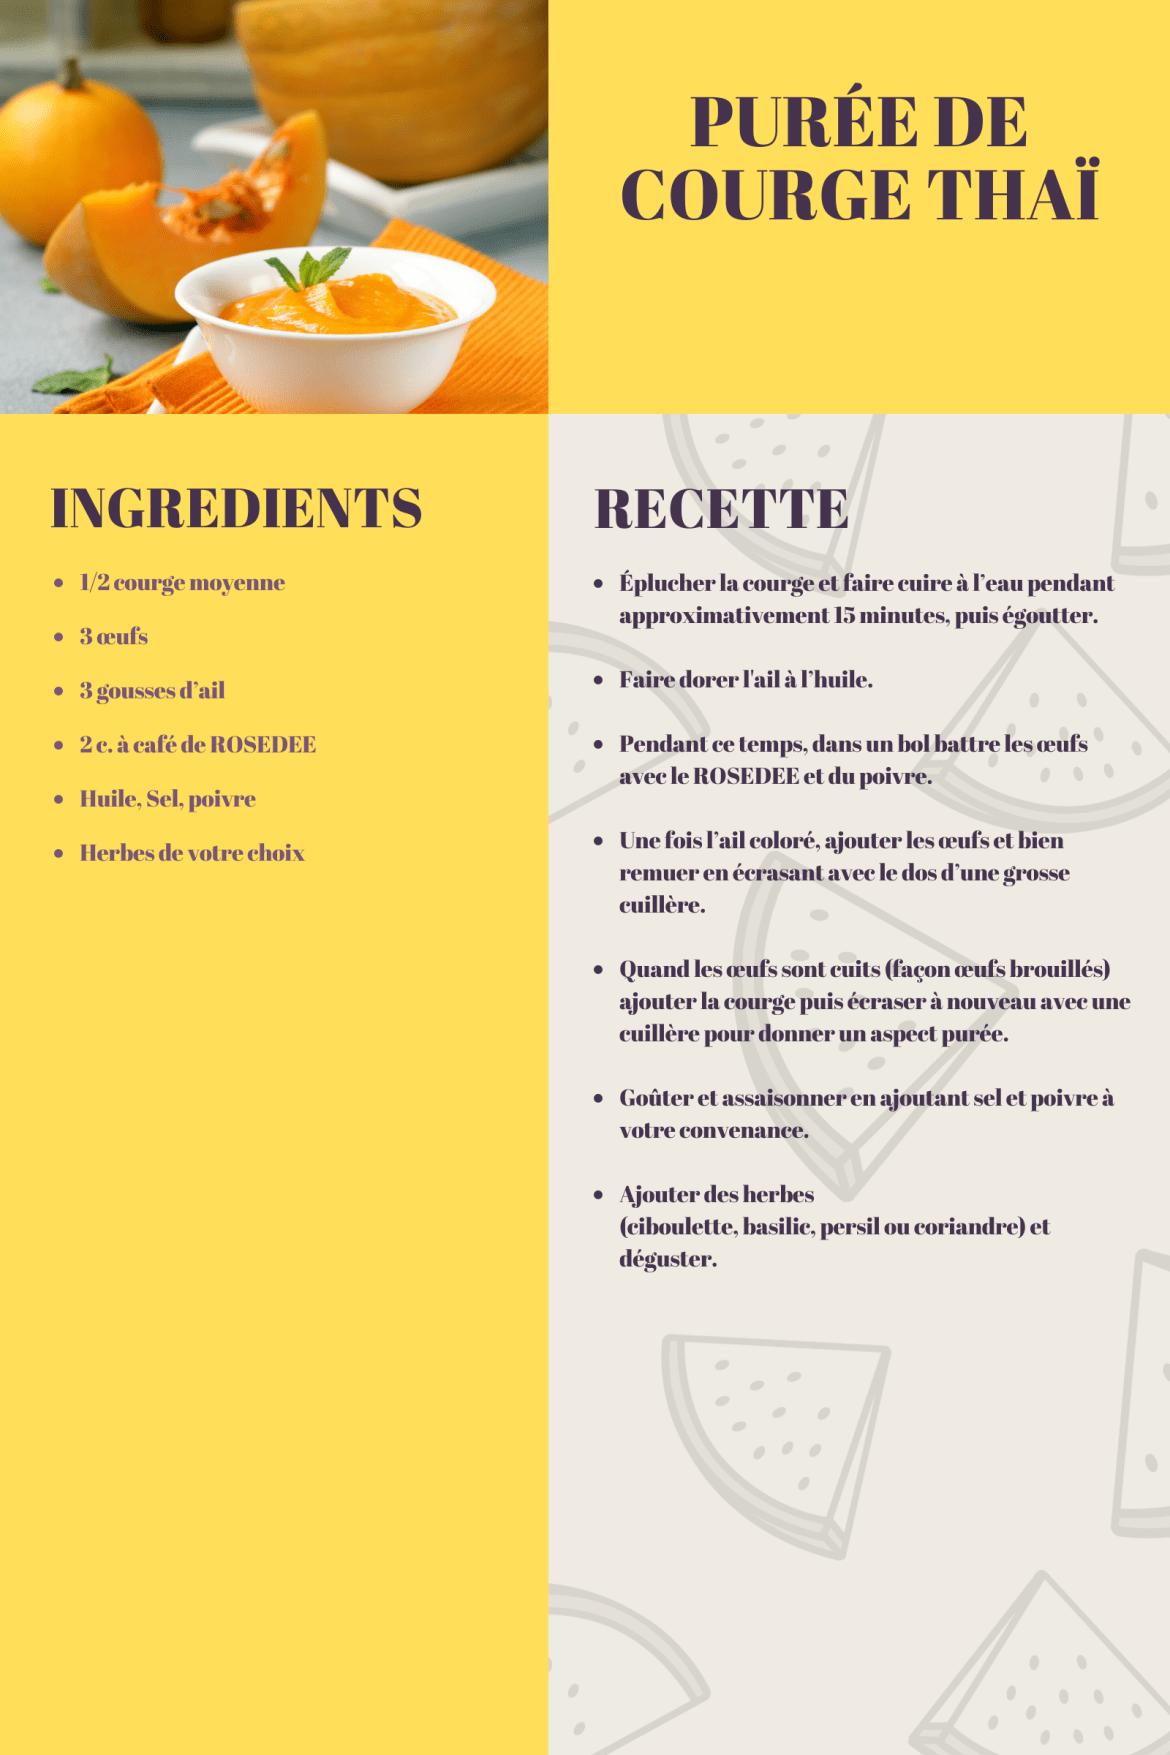 recette purée de courge